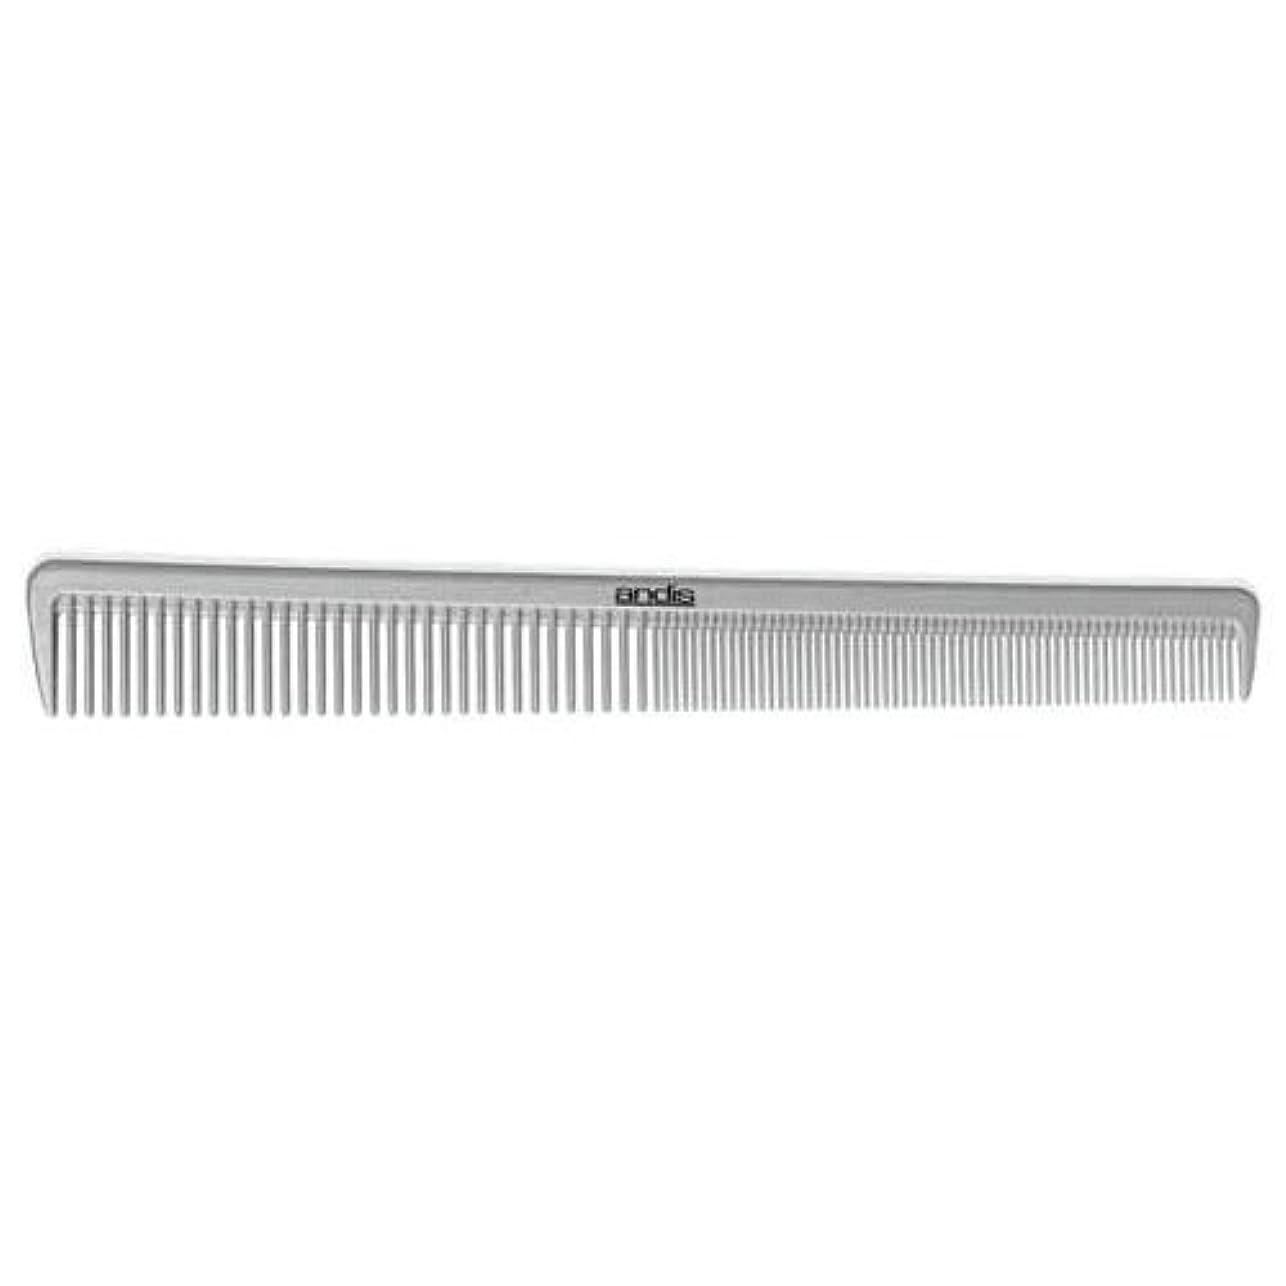 適用するであること課すAndis Grey Barber 12405 Tapering Comb [並行輸入品]